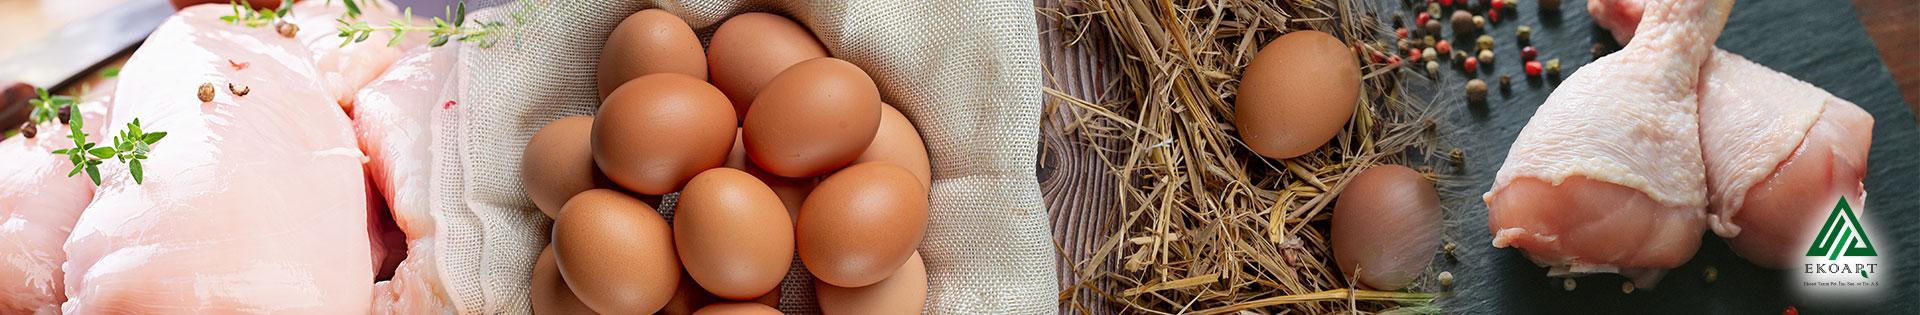 Oyegg Organik Yumurta ve Organik Tavuk Eti